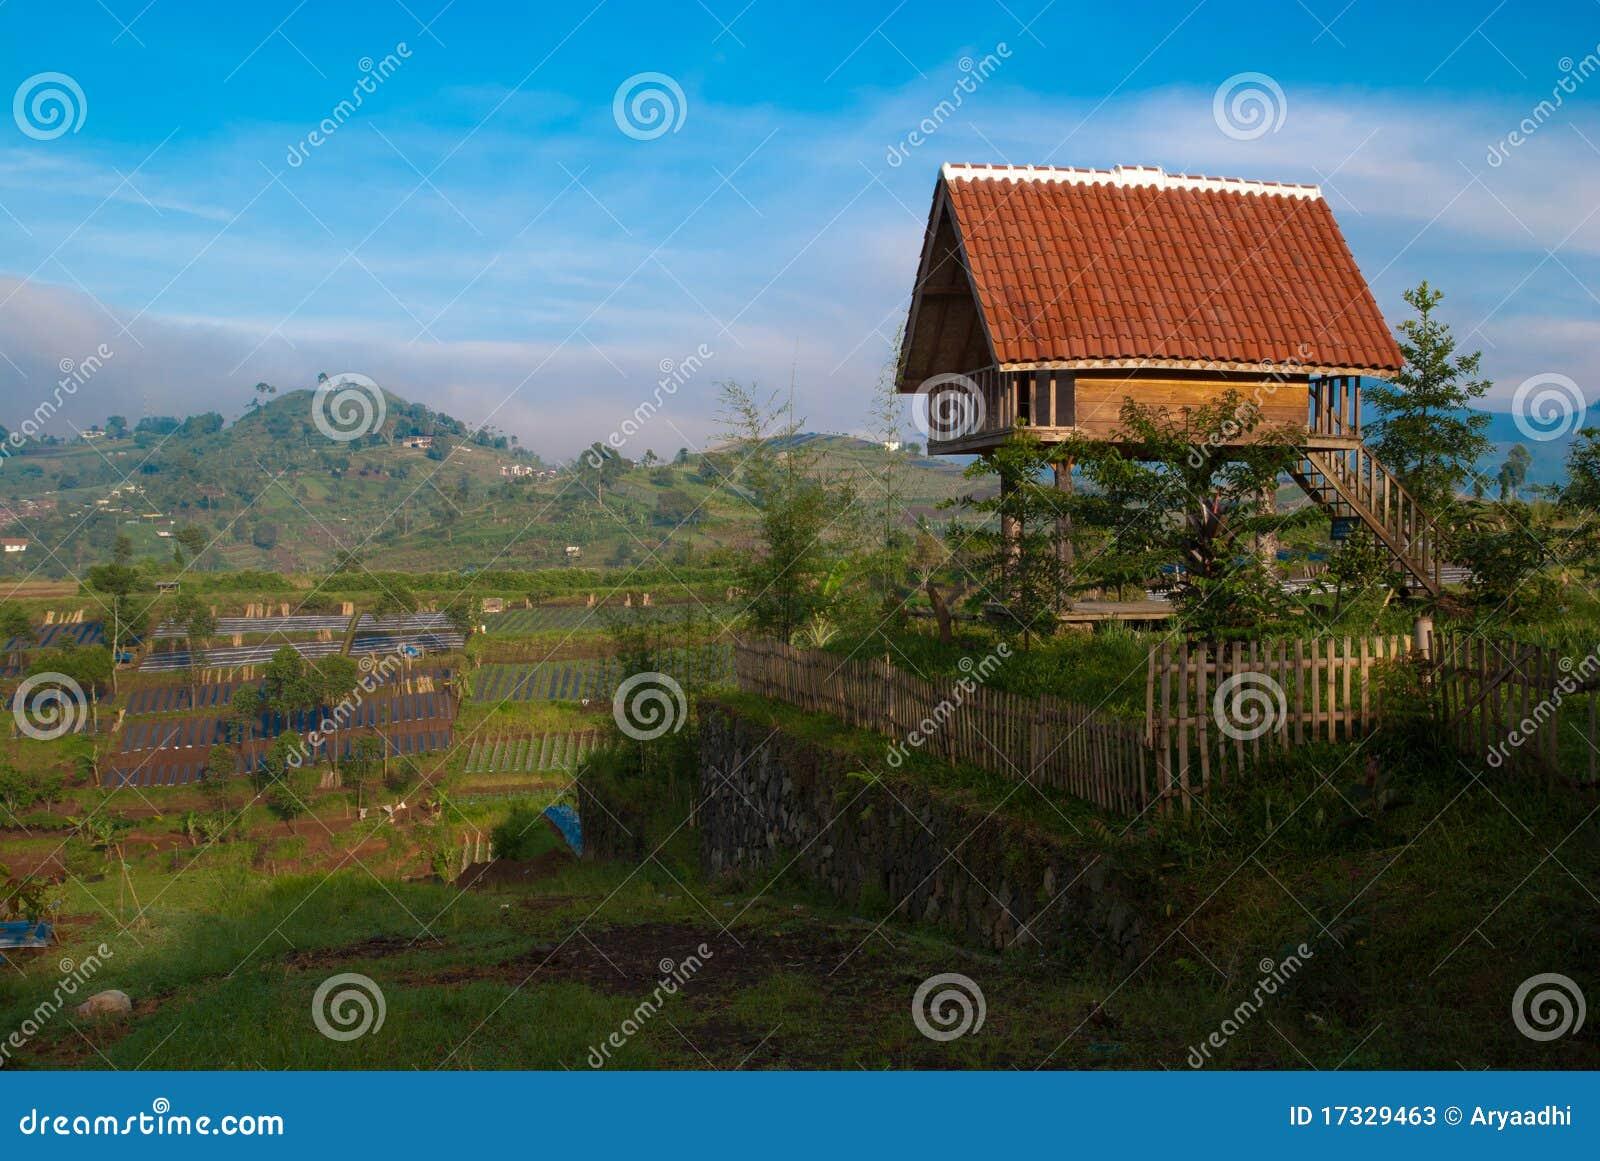 Piccola casa immagine stock immagine di foresta giardino for Schizzo di piccola casa